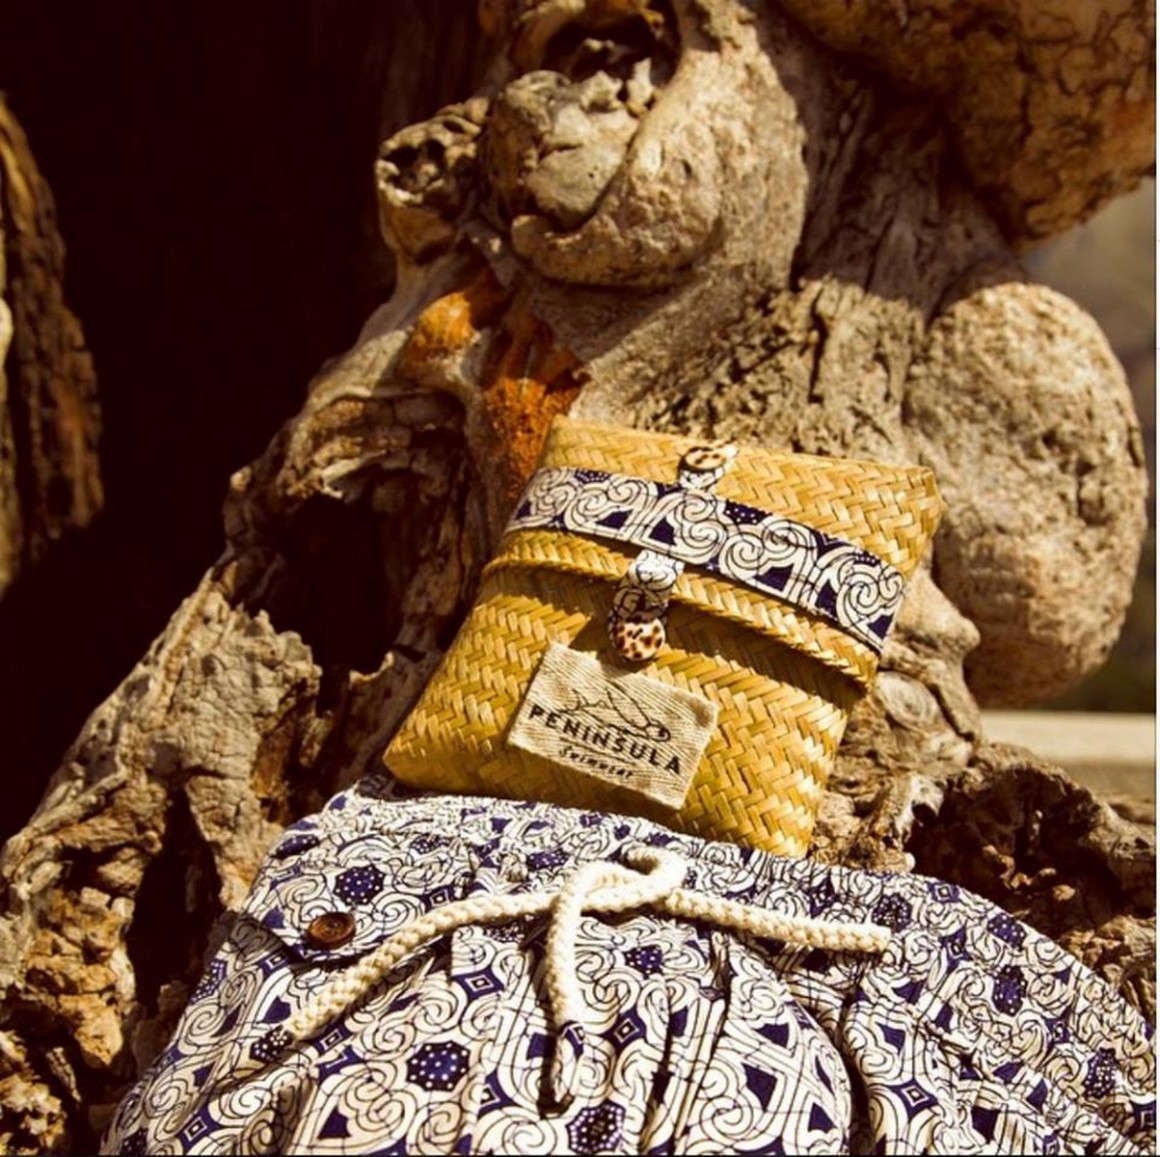 Peninsula swimwear ed subito italia il blog del marchese - Costumi da bagno del 1900 ...